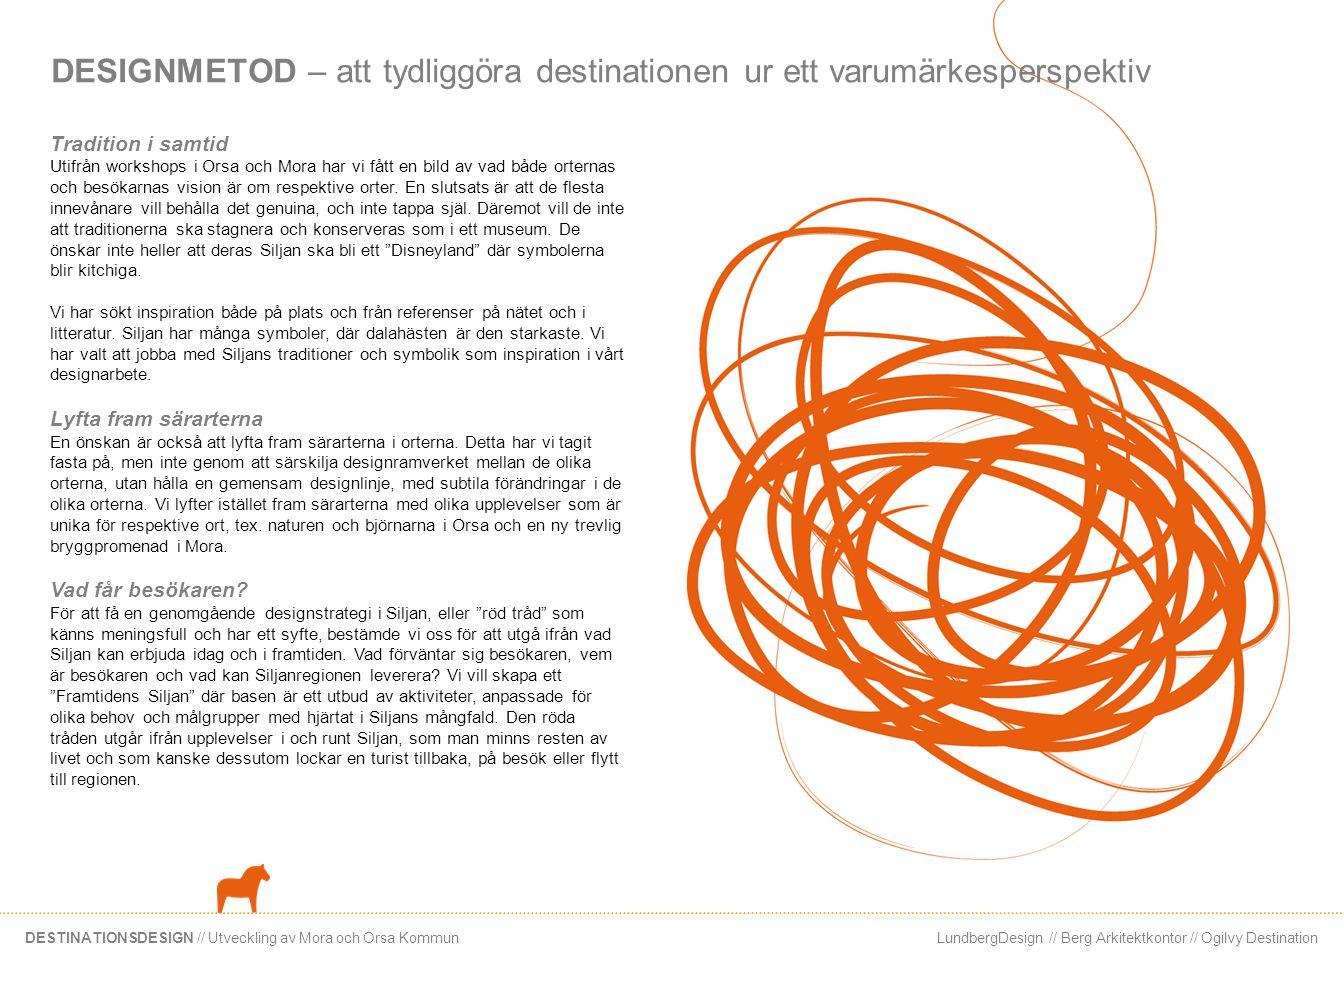 DESIGNMETOD – att tydliggöra destinationen ur ett varumärkesperspektiv